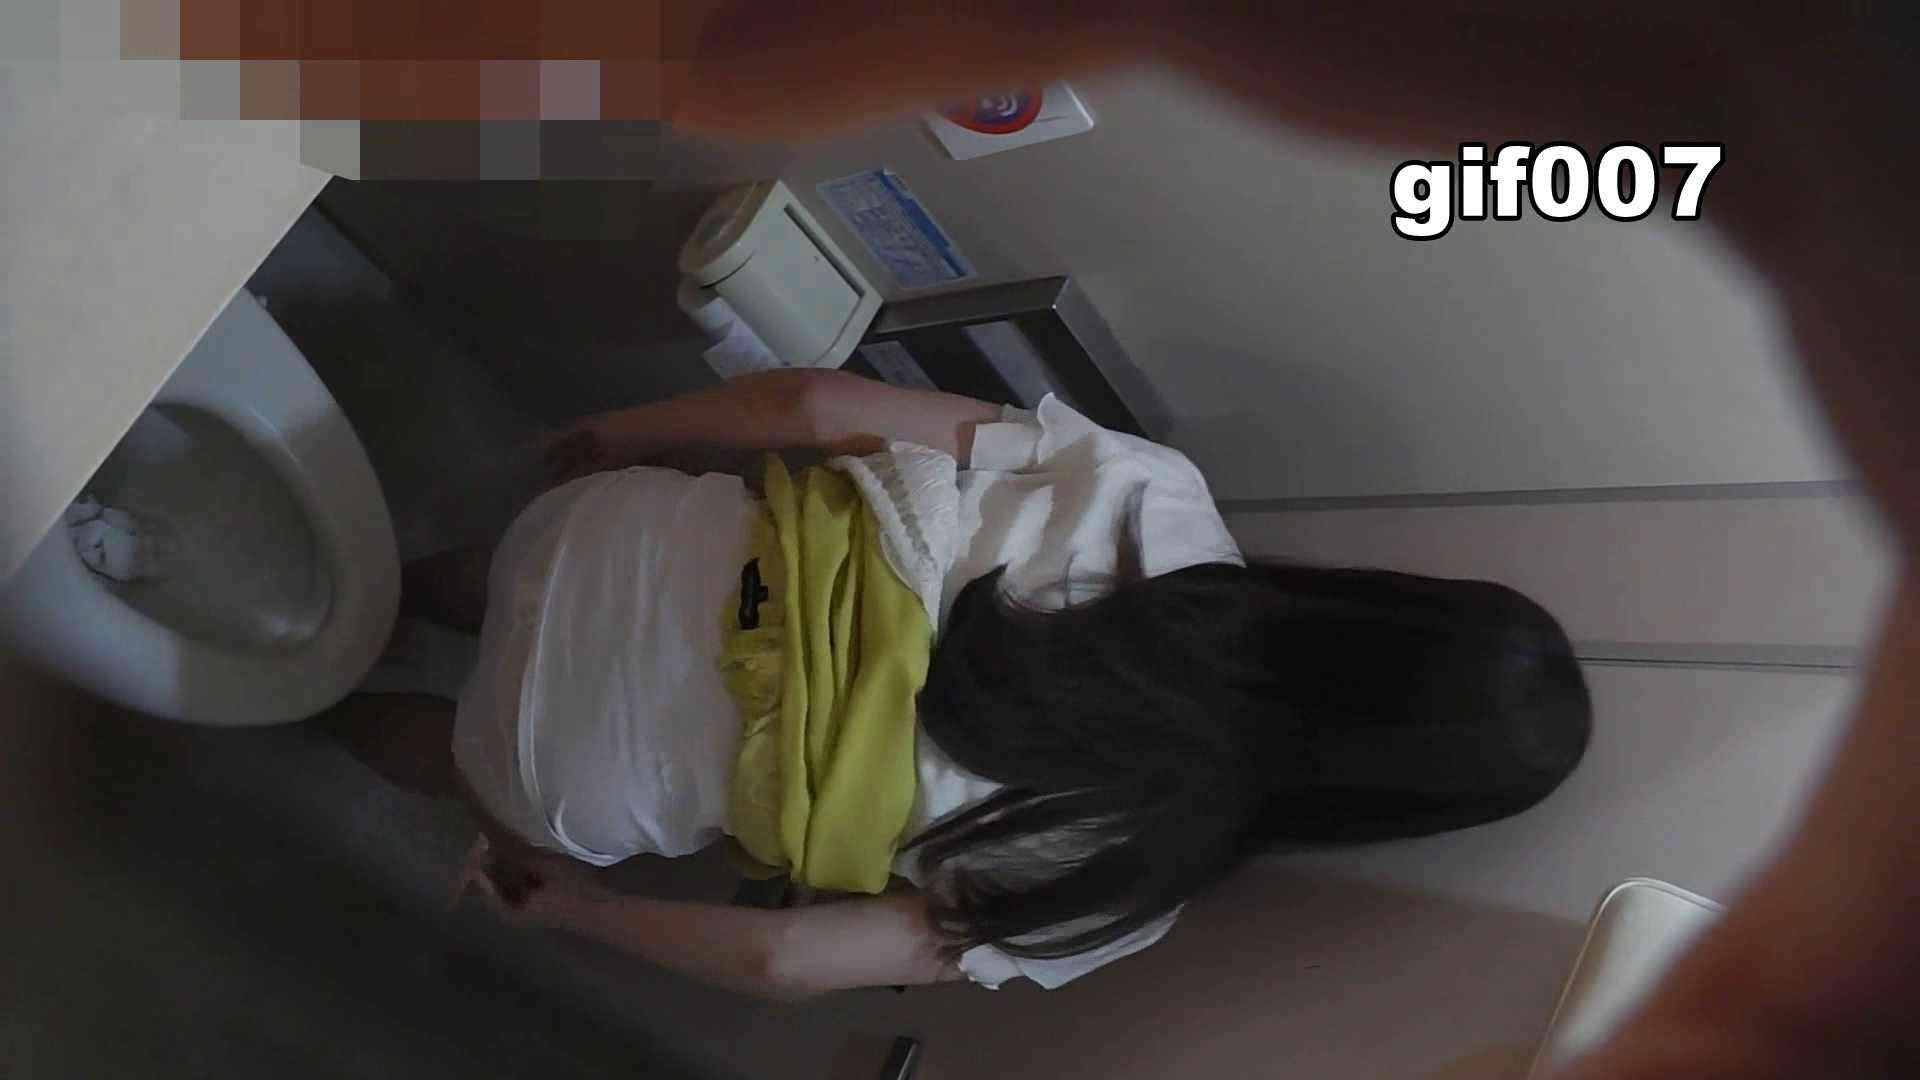 美女詰め合わせギフトvol.07 ようこそ幻想の世界へ OLハメ撮り  43Pix 6